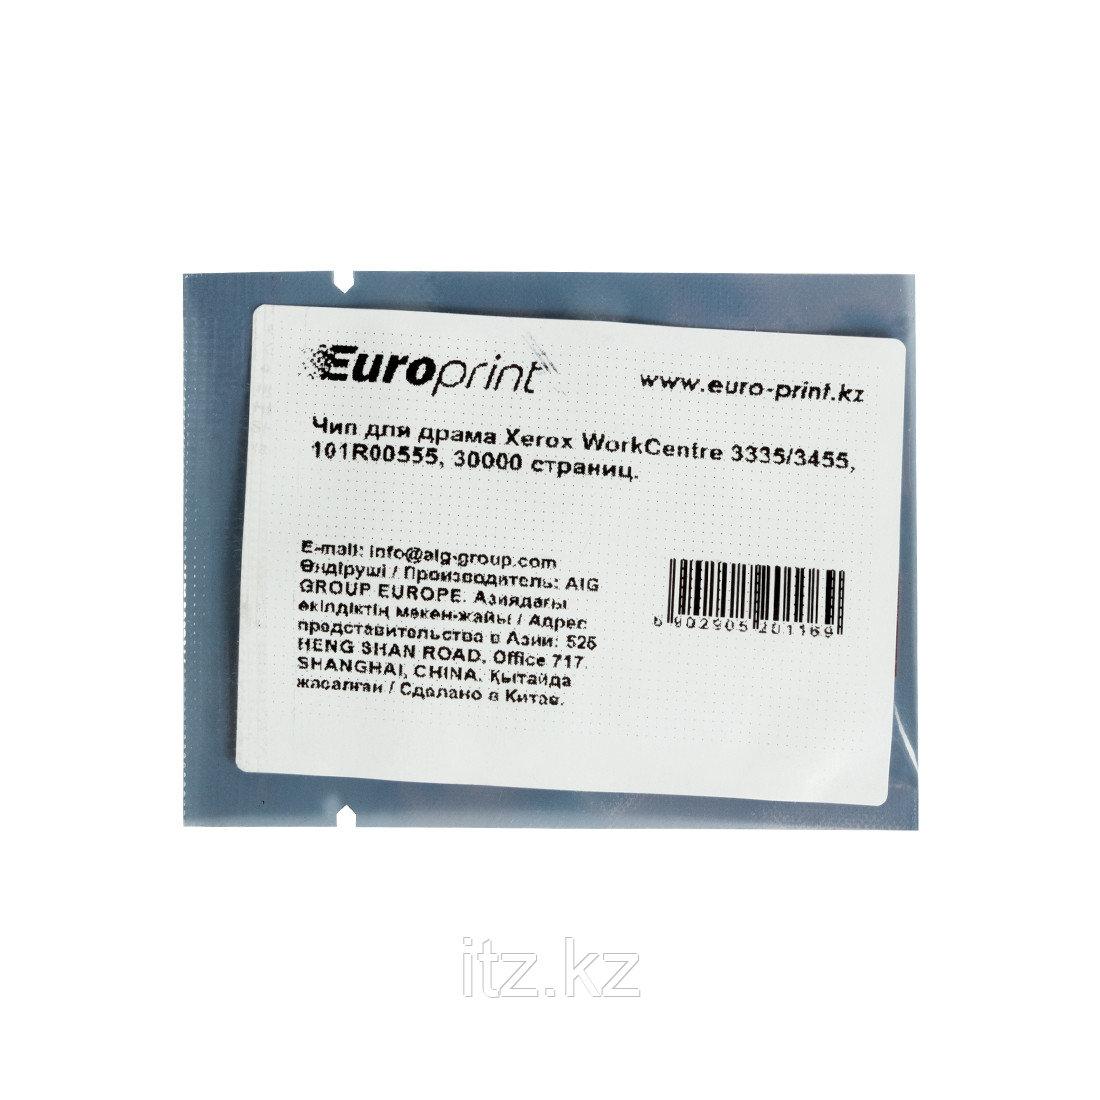 Чип Europrint Xerox WC3335D (101R00555 Drum)